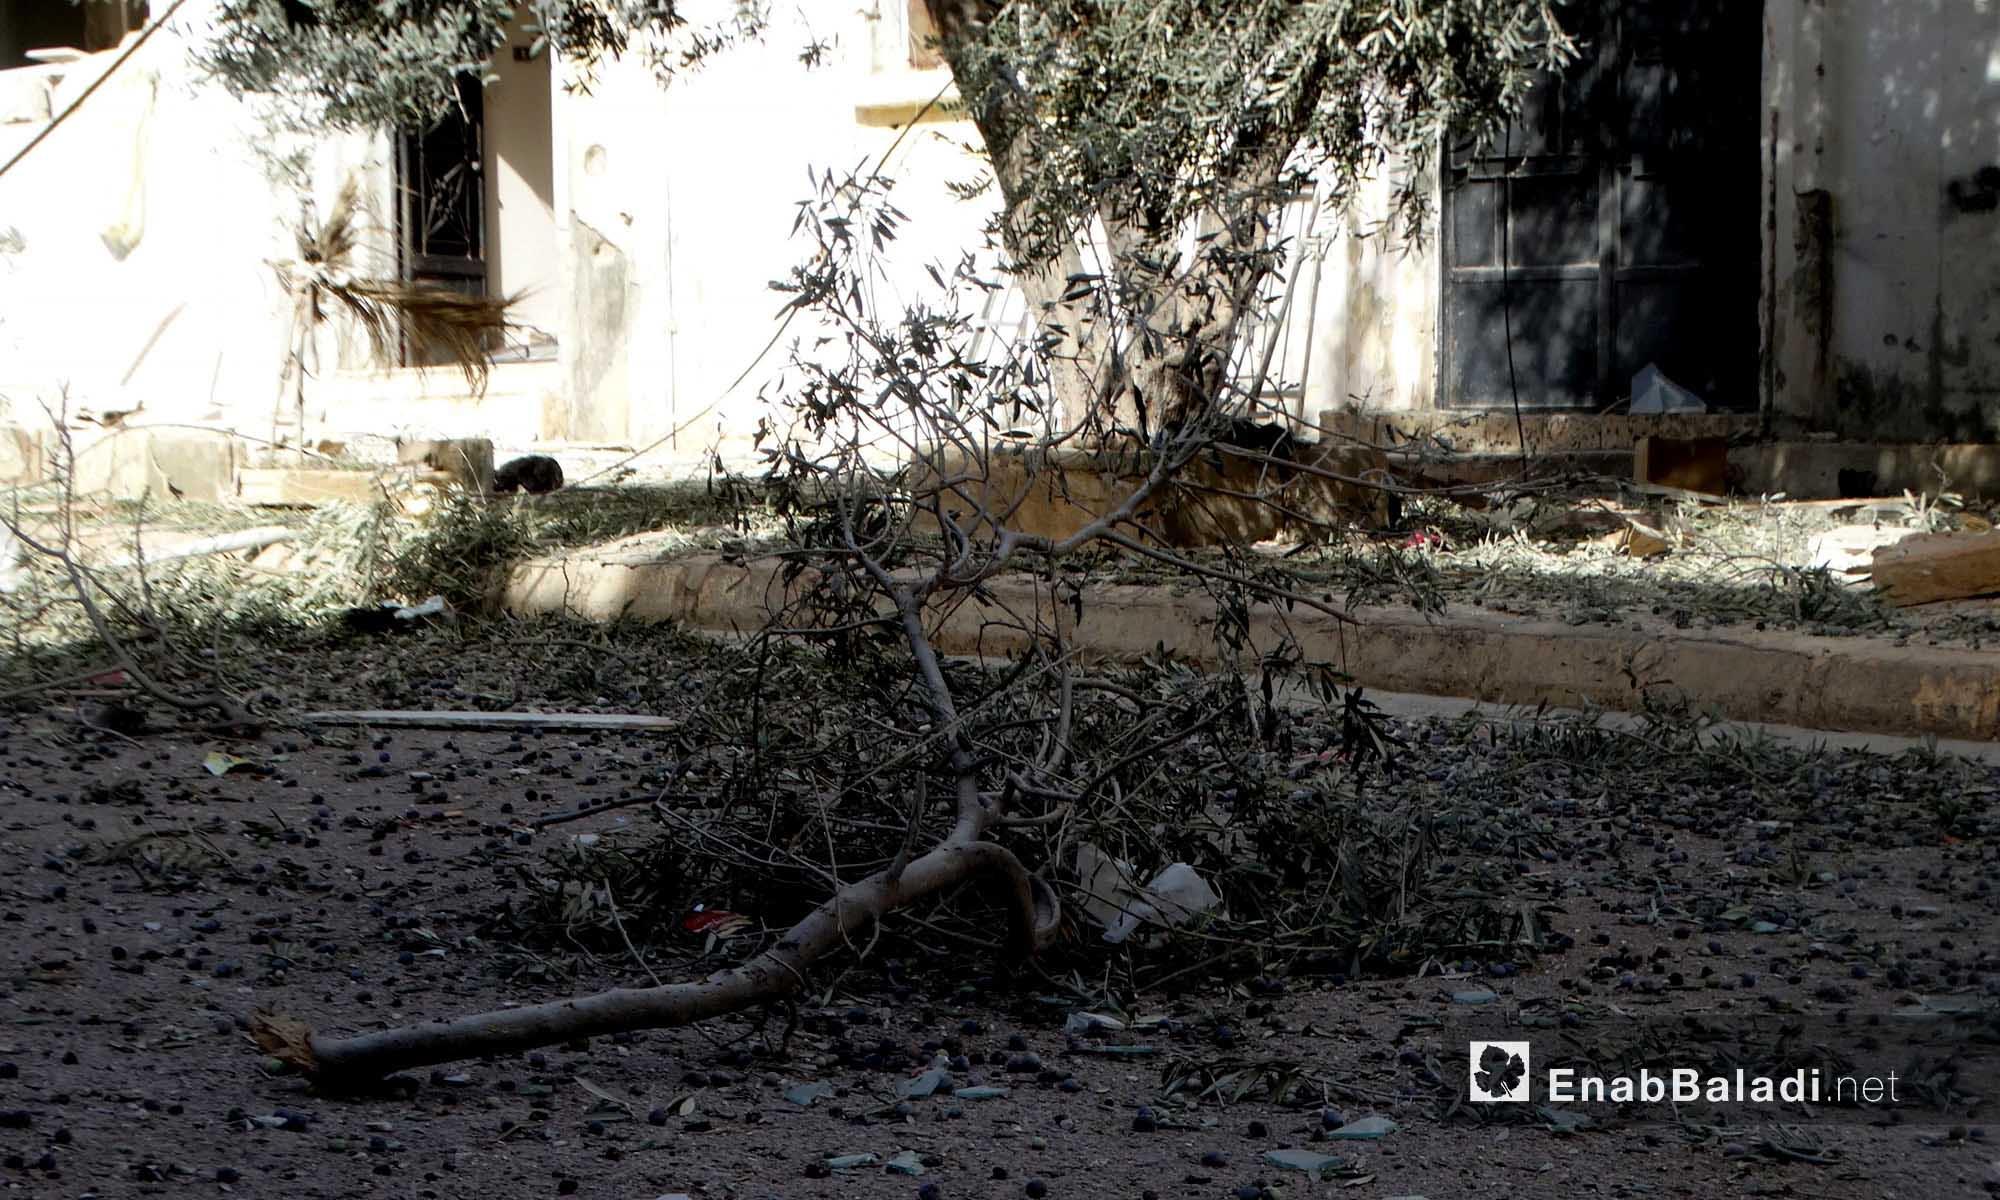 دمار في حي الوعر جراء قصفه من قبل قوات الأسد - 22 تشرين الثاني 2016 (عنب بلدي)